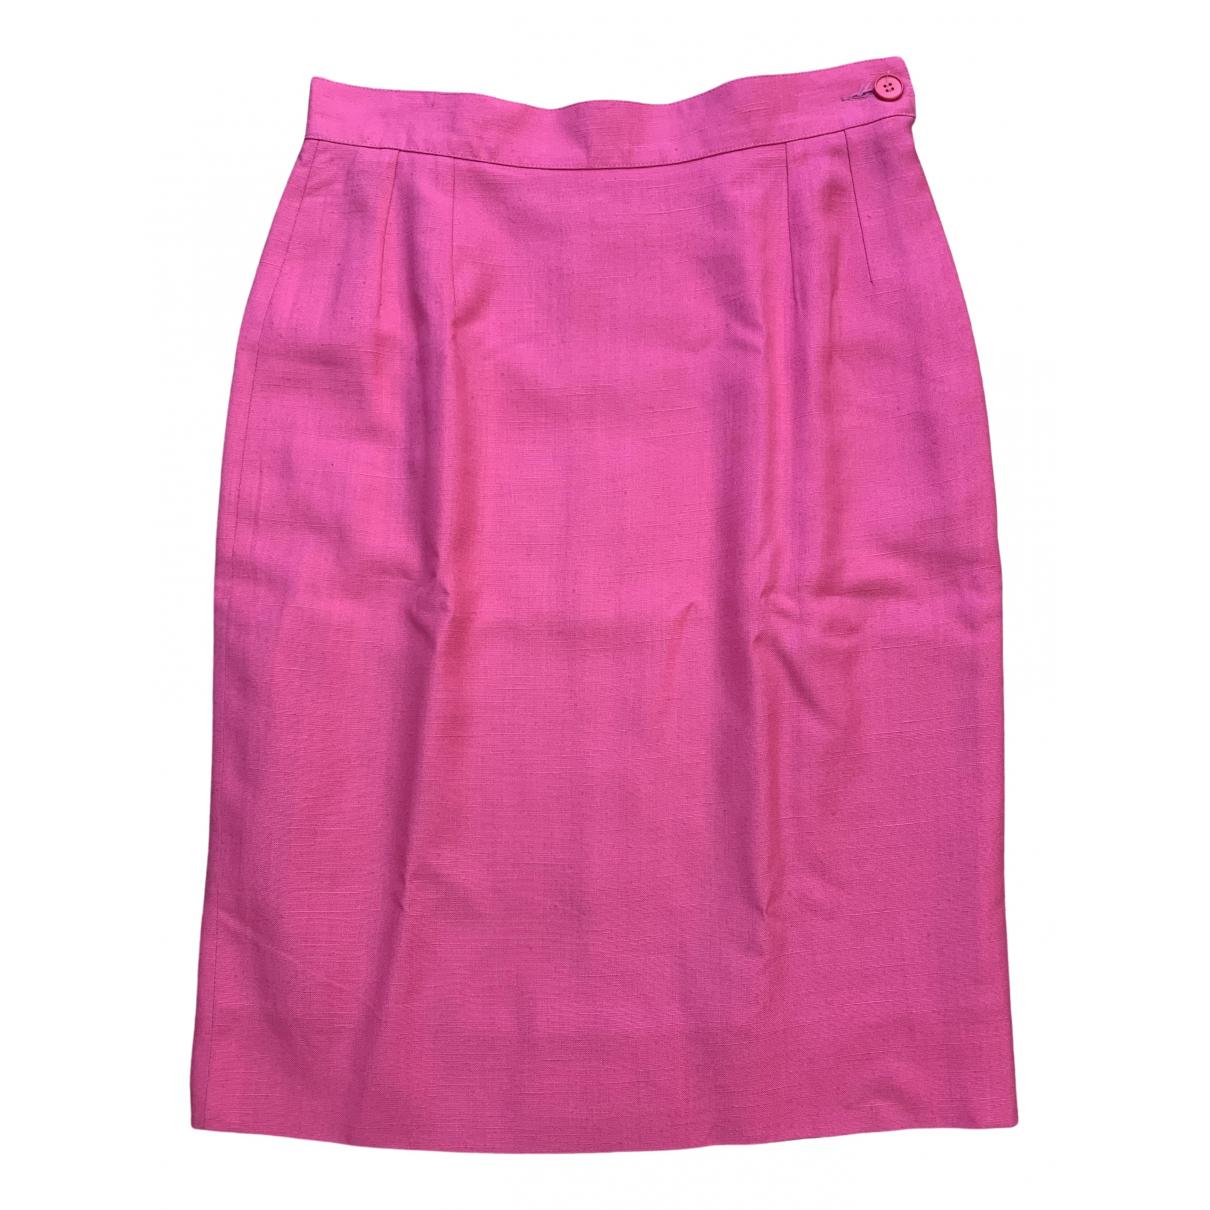 Yves Saint Laurent - Jupe   pour femme en lin - rose